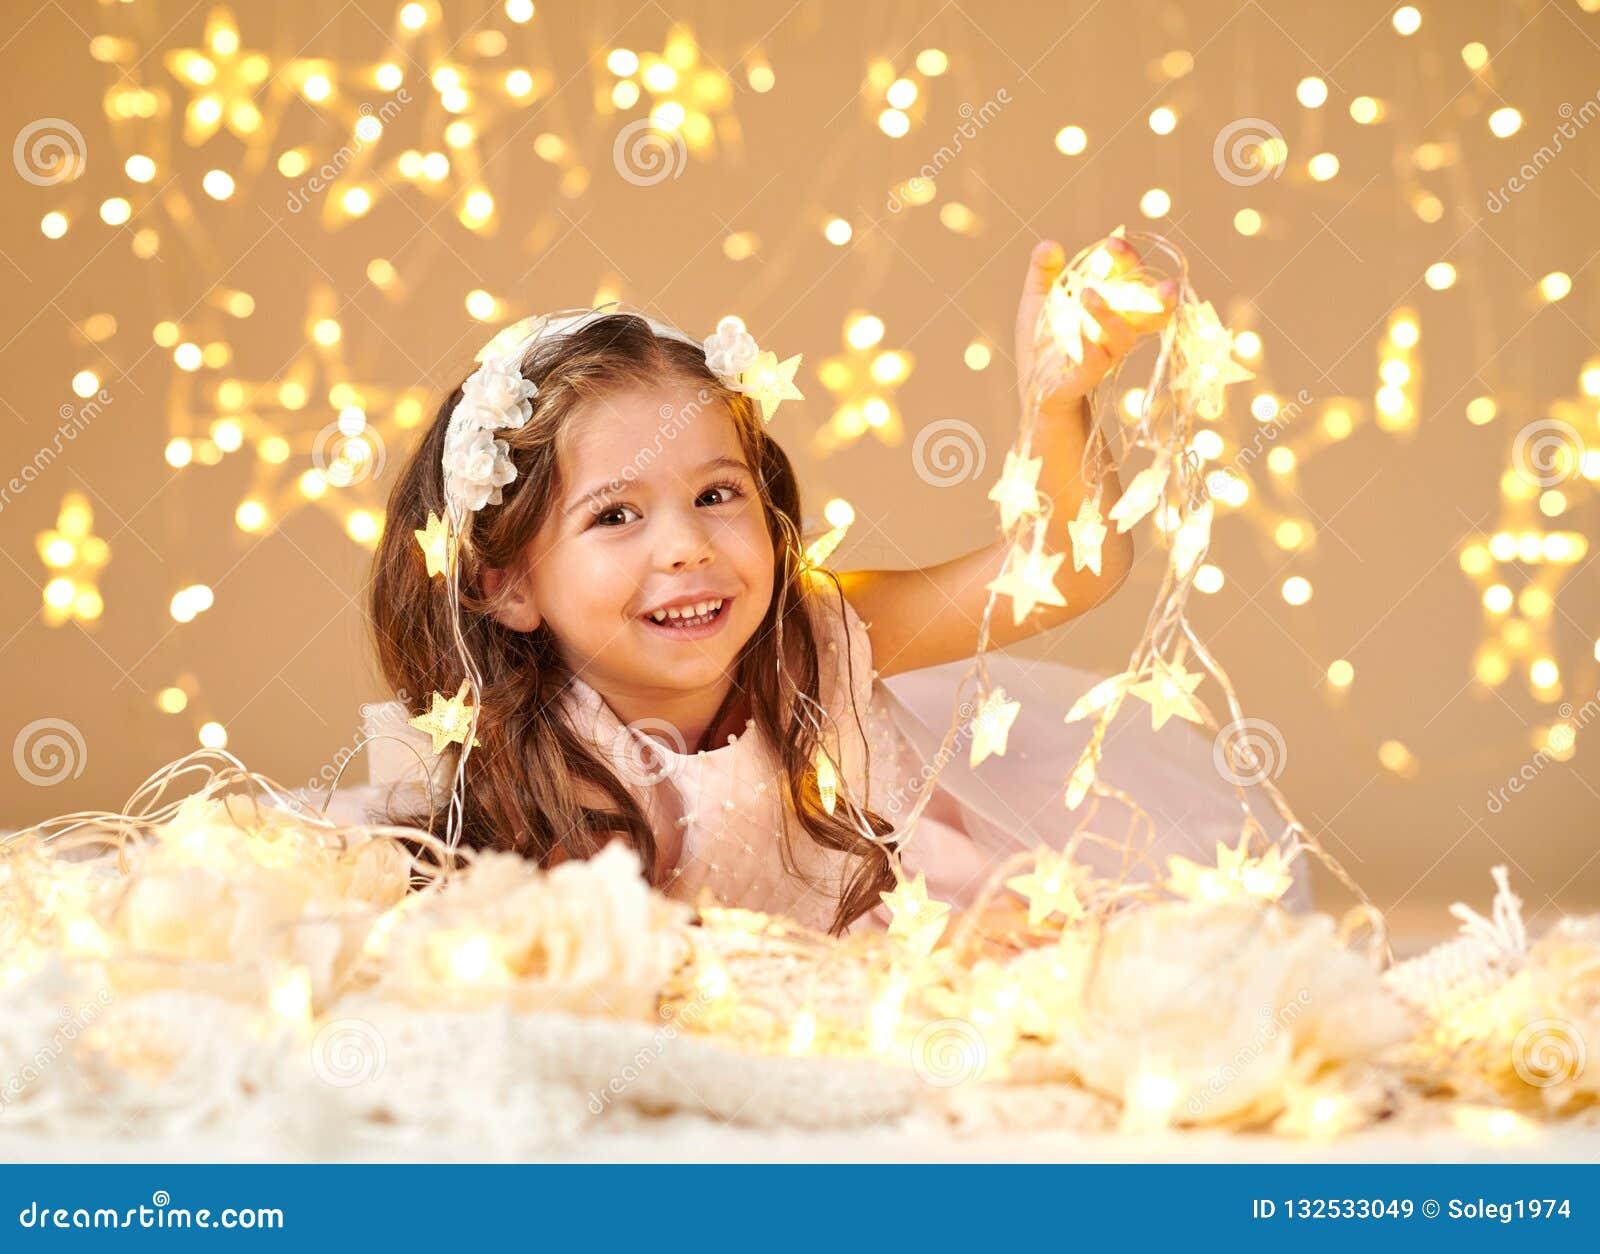 L enfant de fille pose avec des lumières de Noël, fond jaune, robe rose